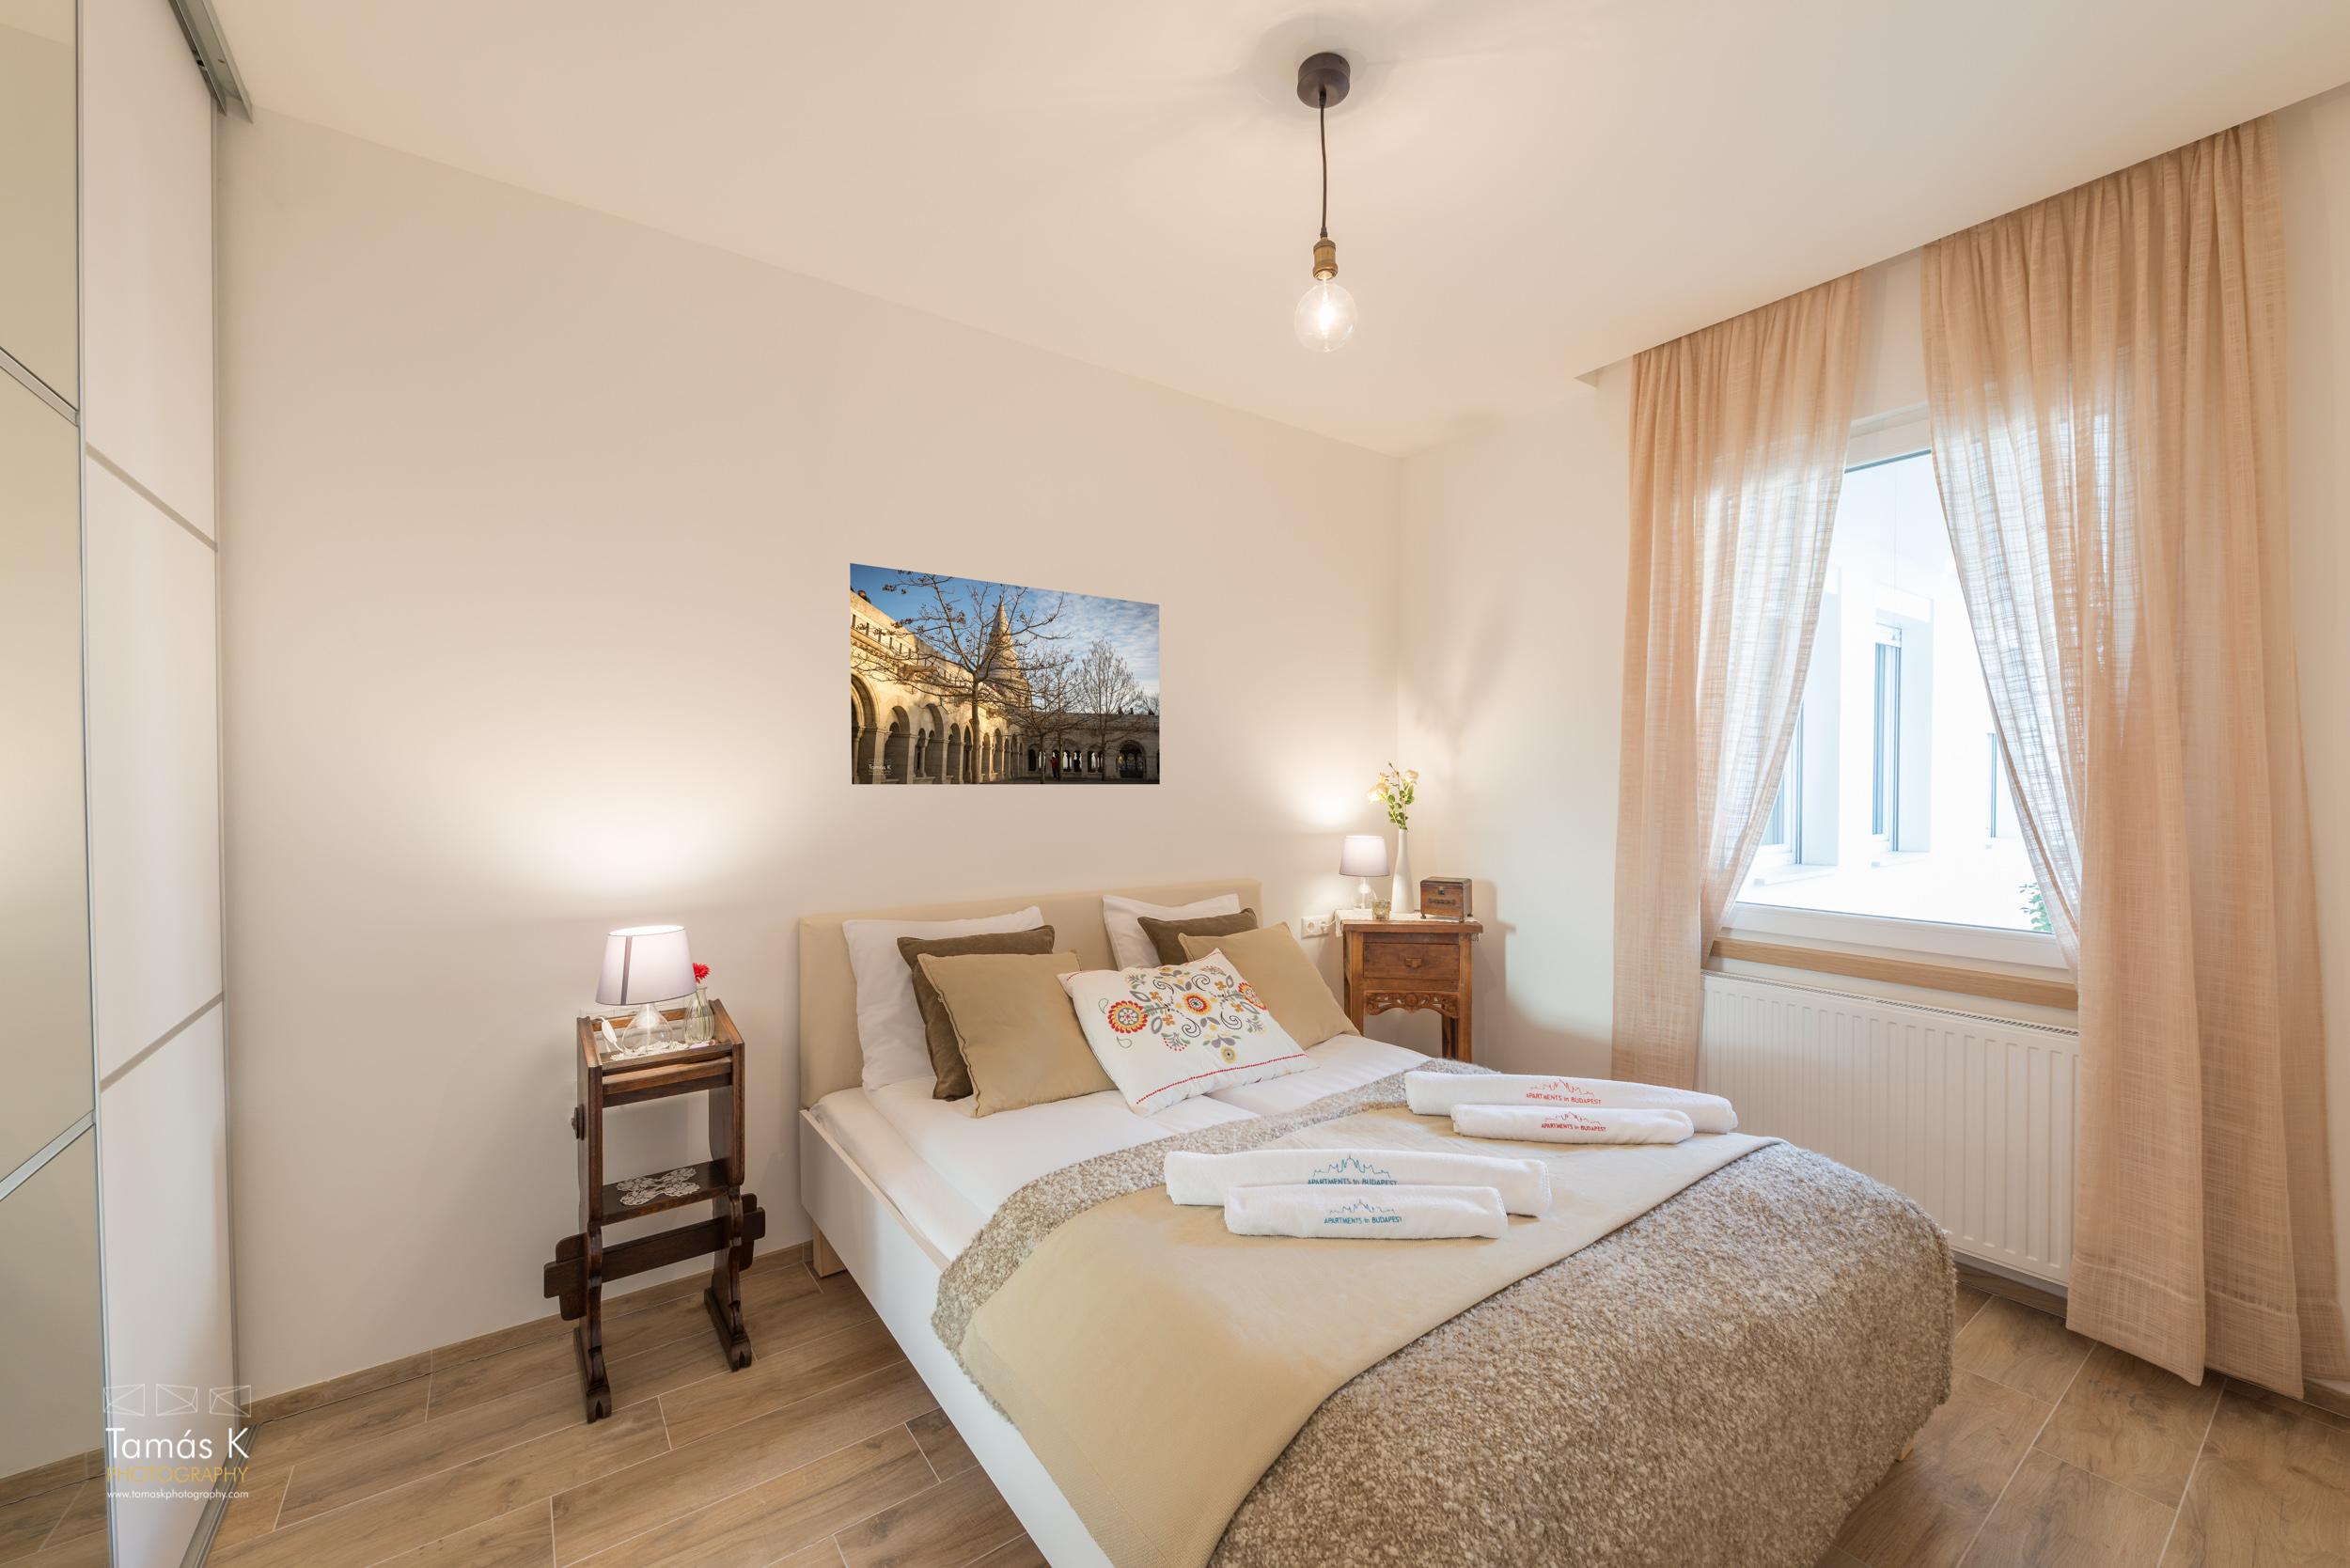 Basilica Deluxe Appartement im Stadtzentrum mit Klimaanlage Wlan hohe Decken